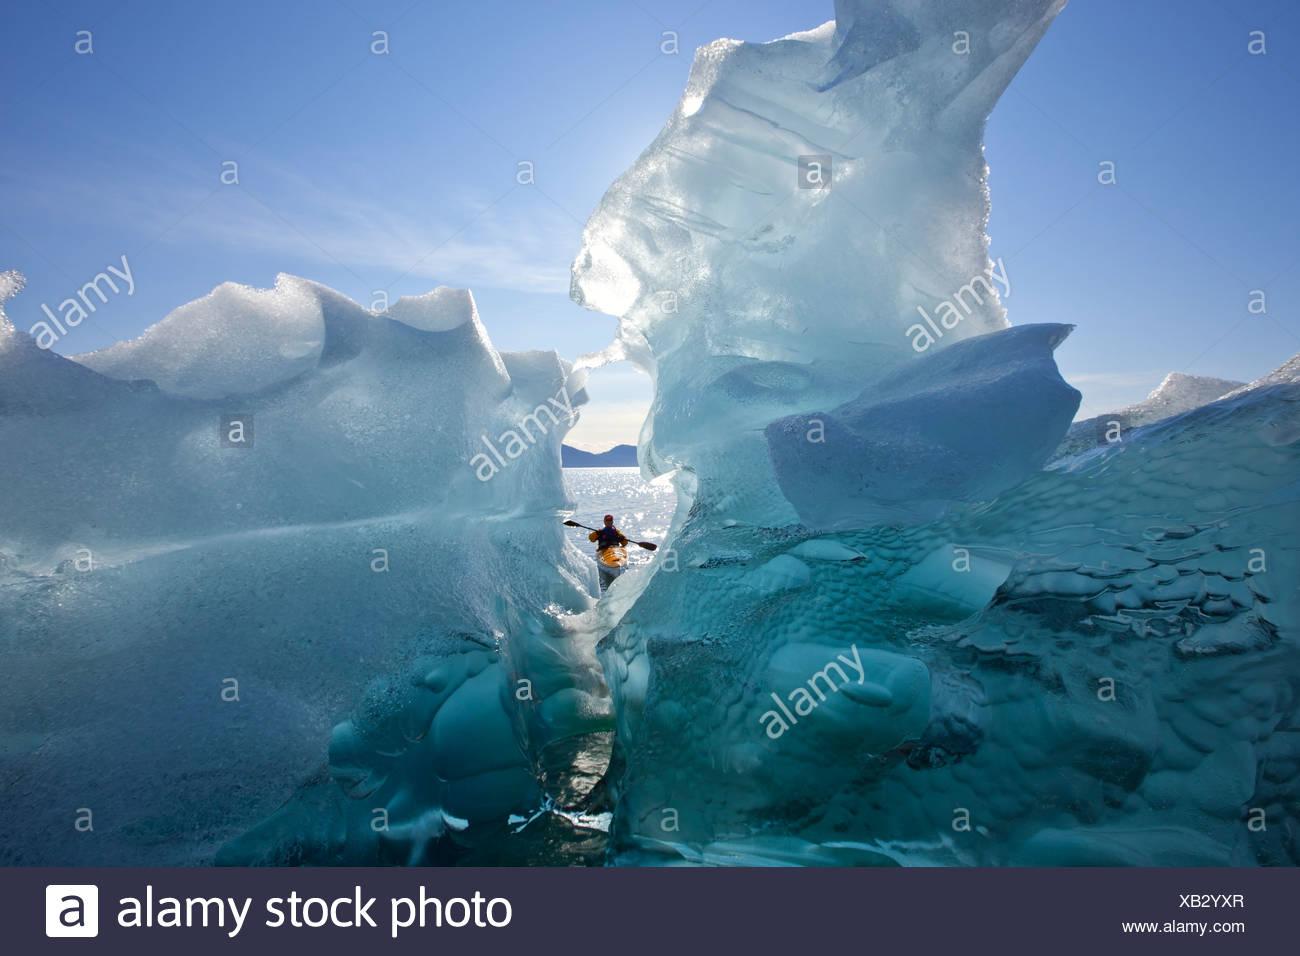 Mare viste kayaker di grandi iceberg nel passaggio di Stephens, Tracy Arm-Fords terrore deserto, all'interno del passaggio, Alaska Immagini Stock